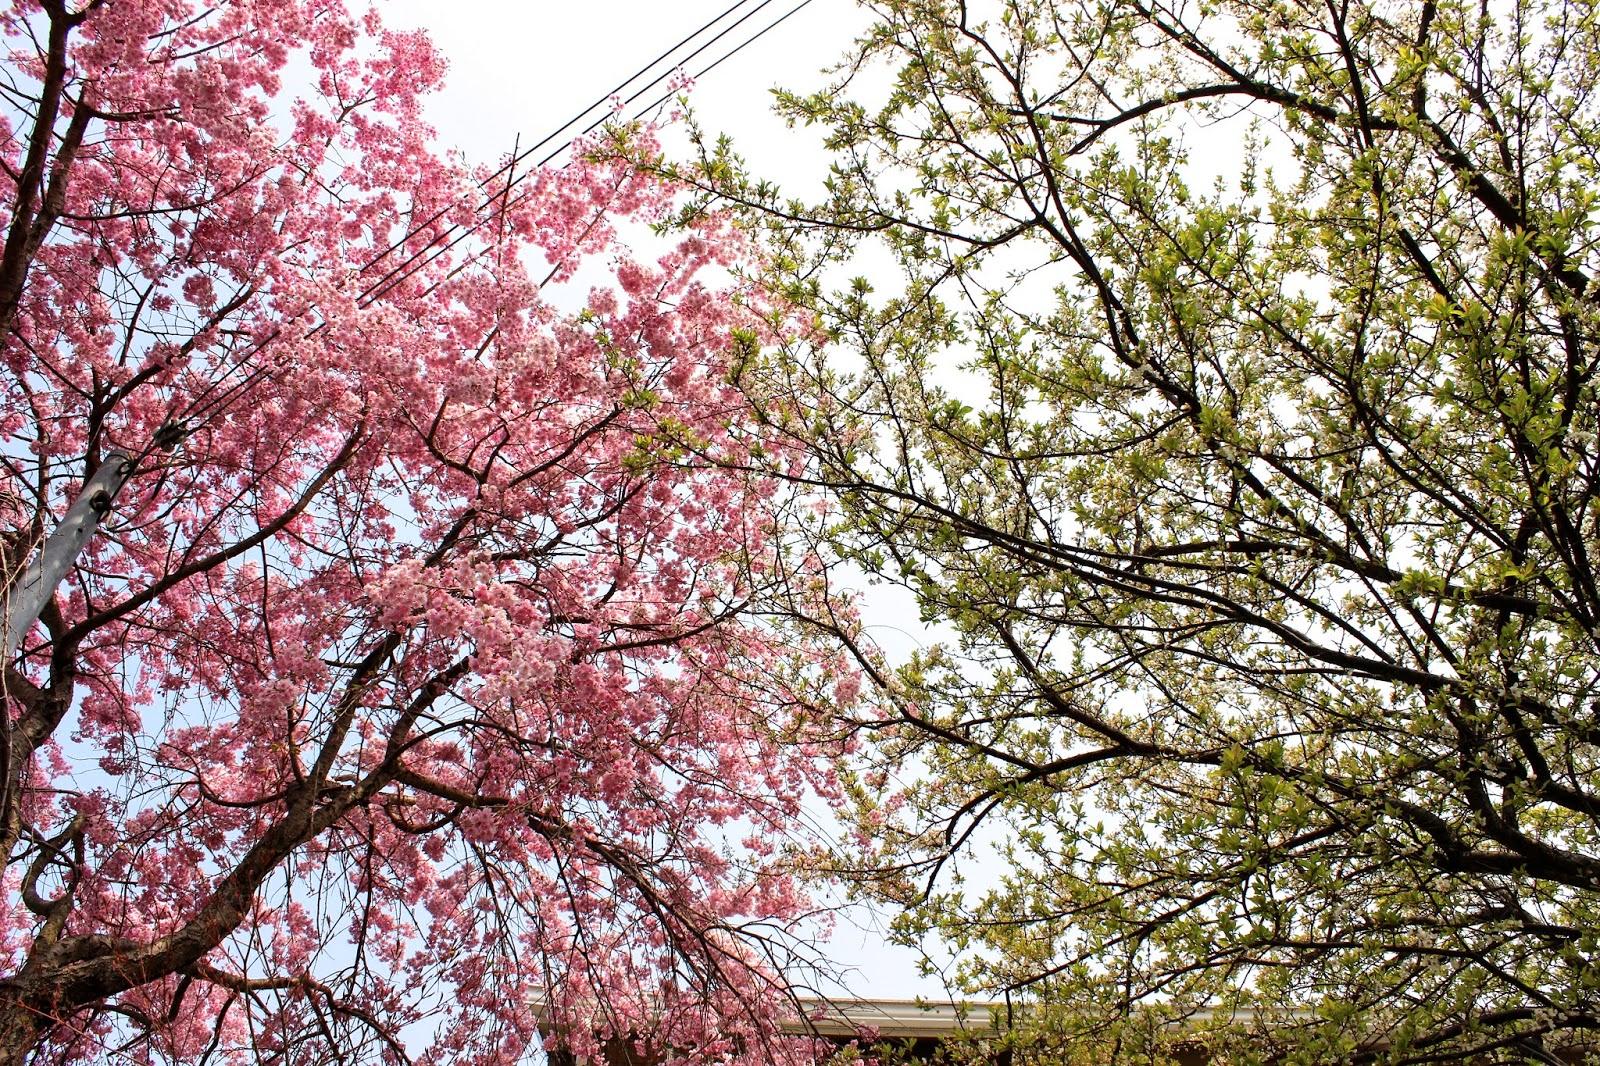 Spring in Japan 2014 | Sakura